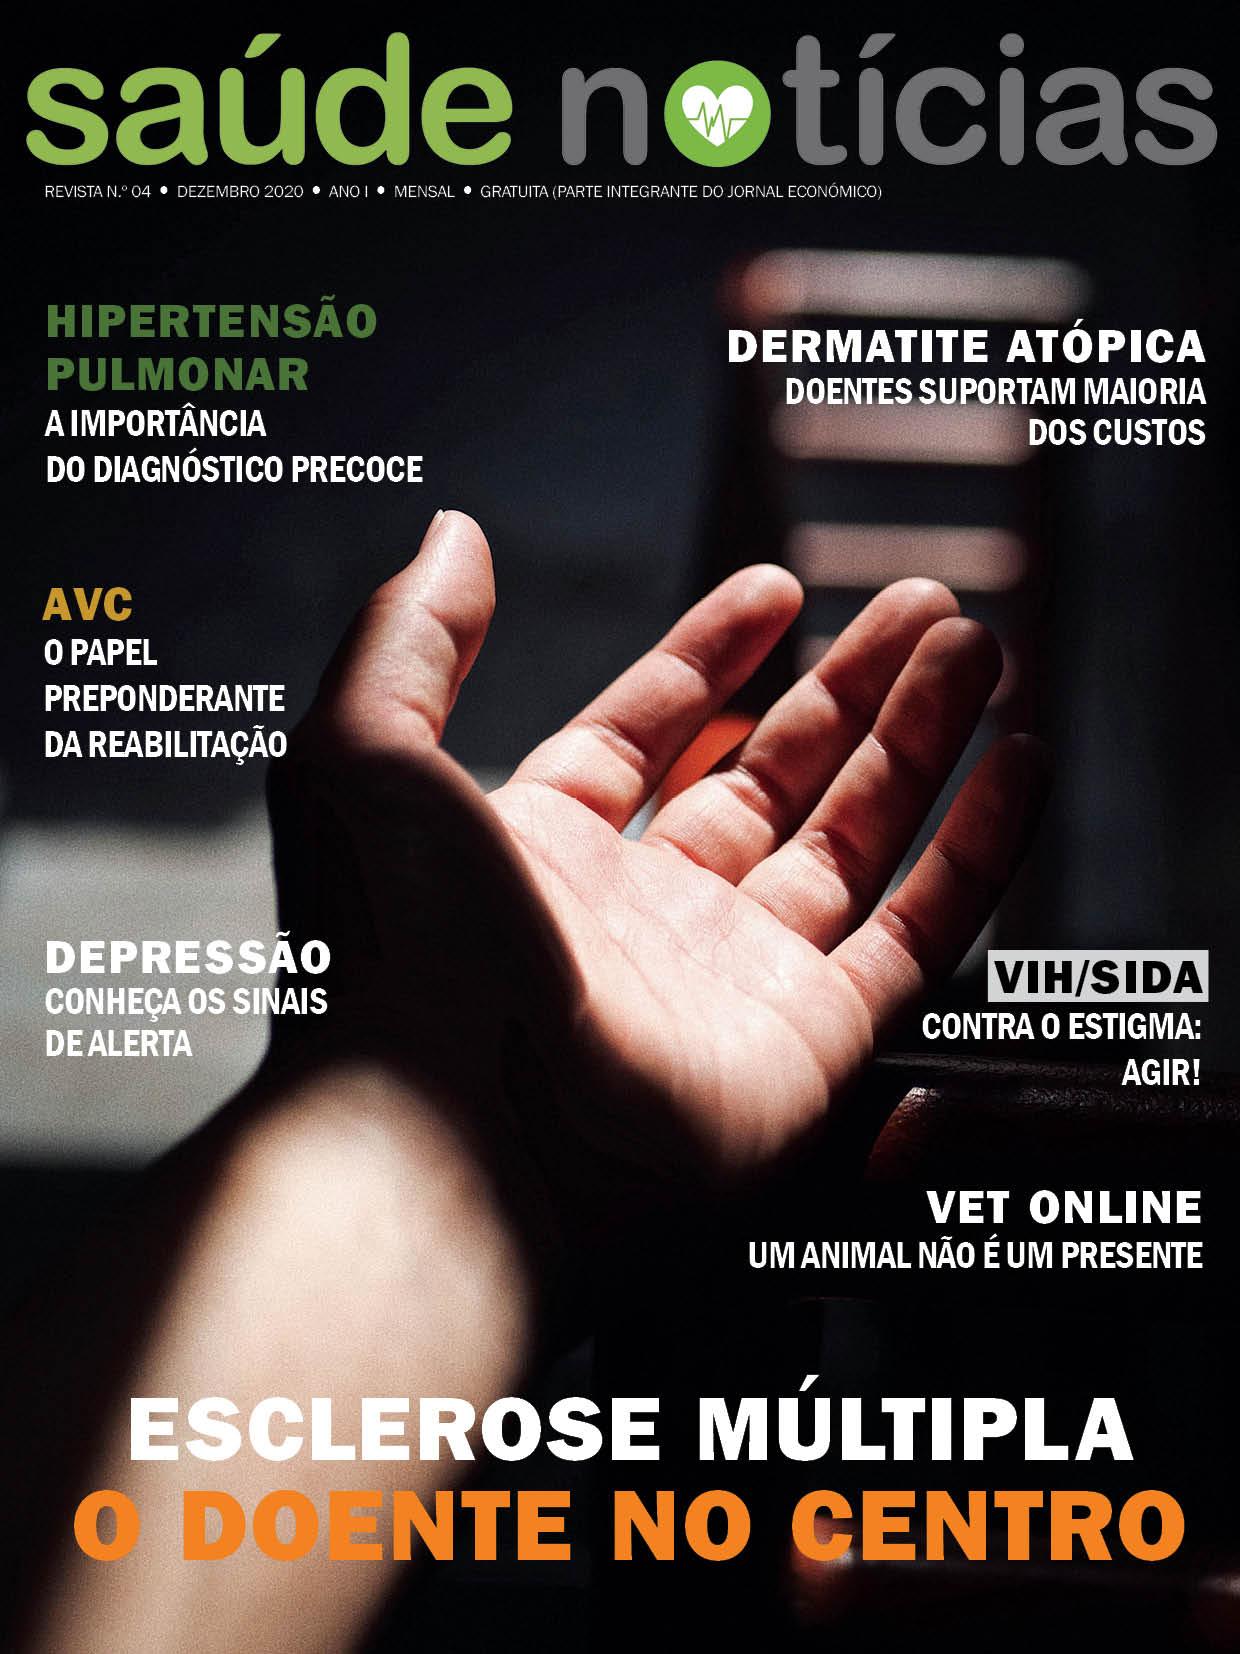 Revista SaúdeNoticias nº. 4